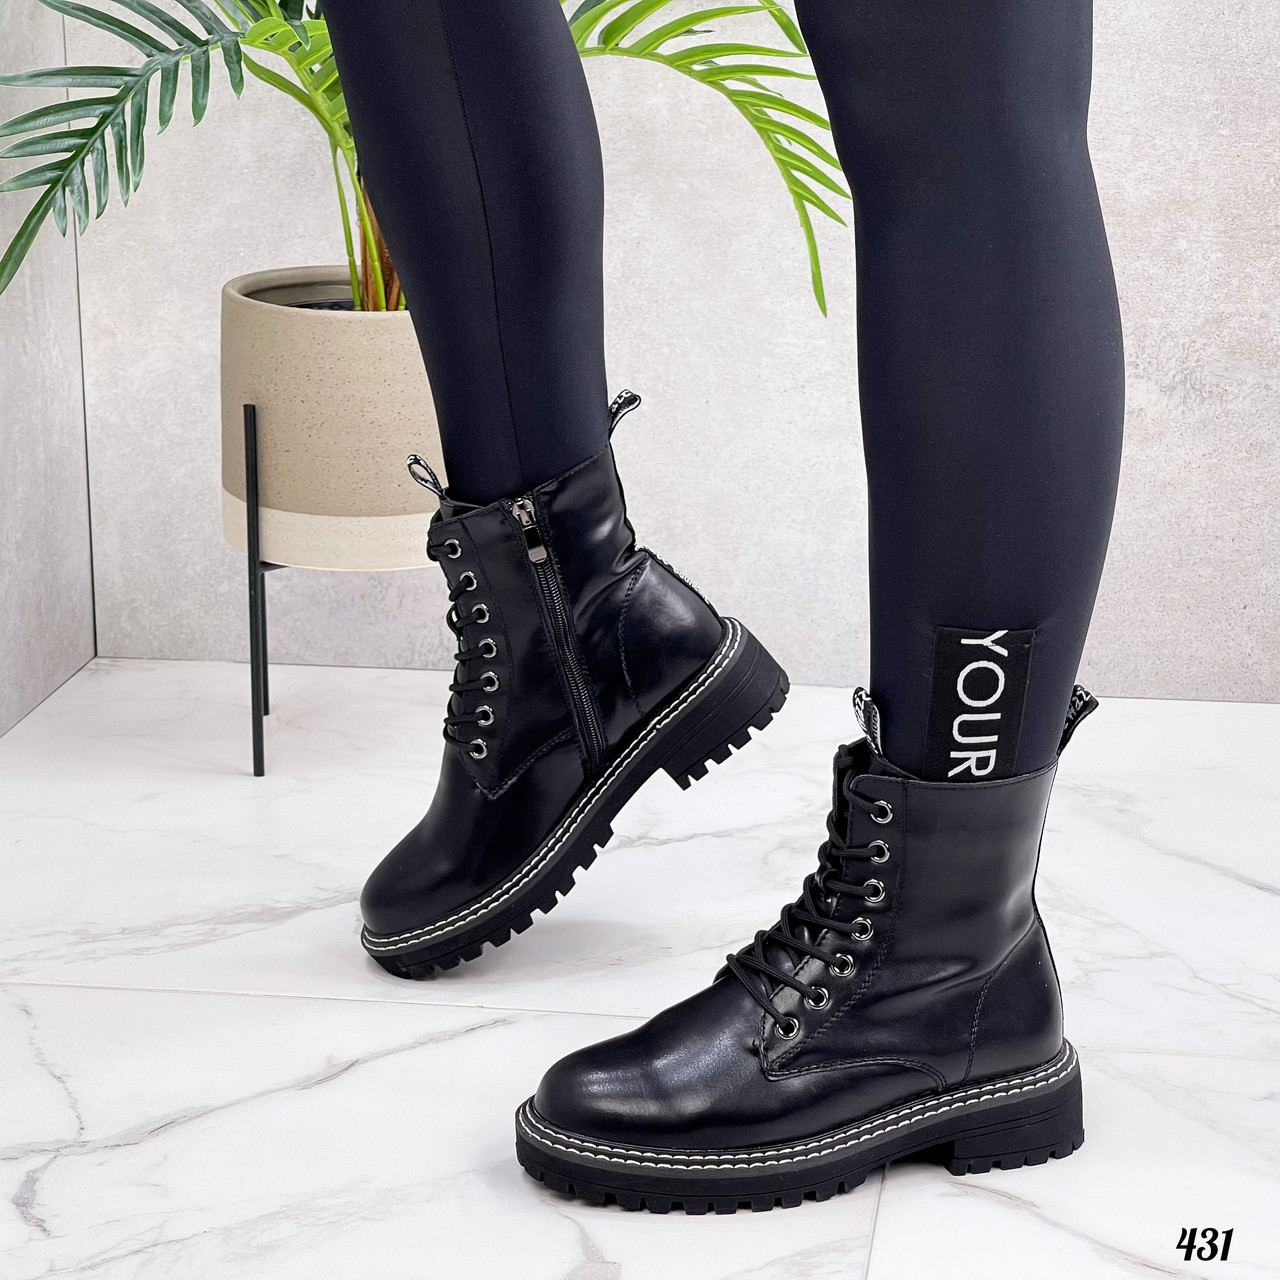 Женские ботинки ДЕМИ черные на шнурках натуральная кожа